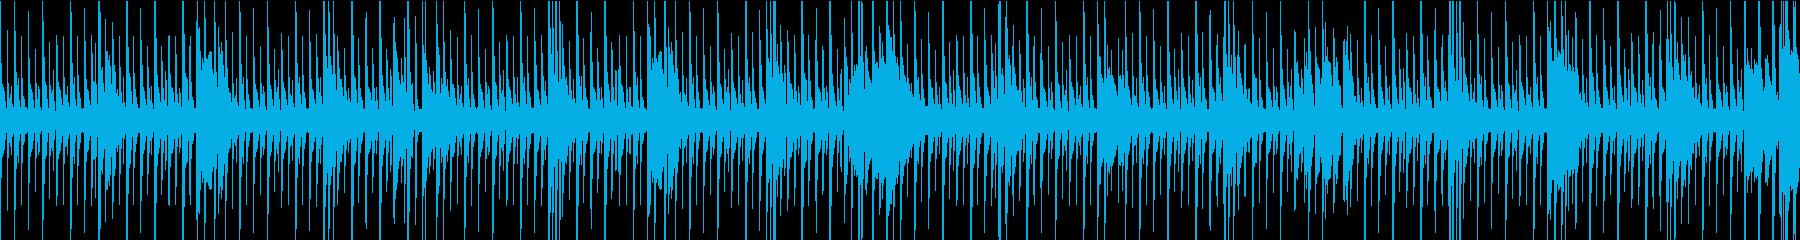 [ループ]リズミカルなパーカッションの再生済みの波形